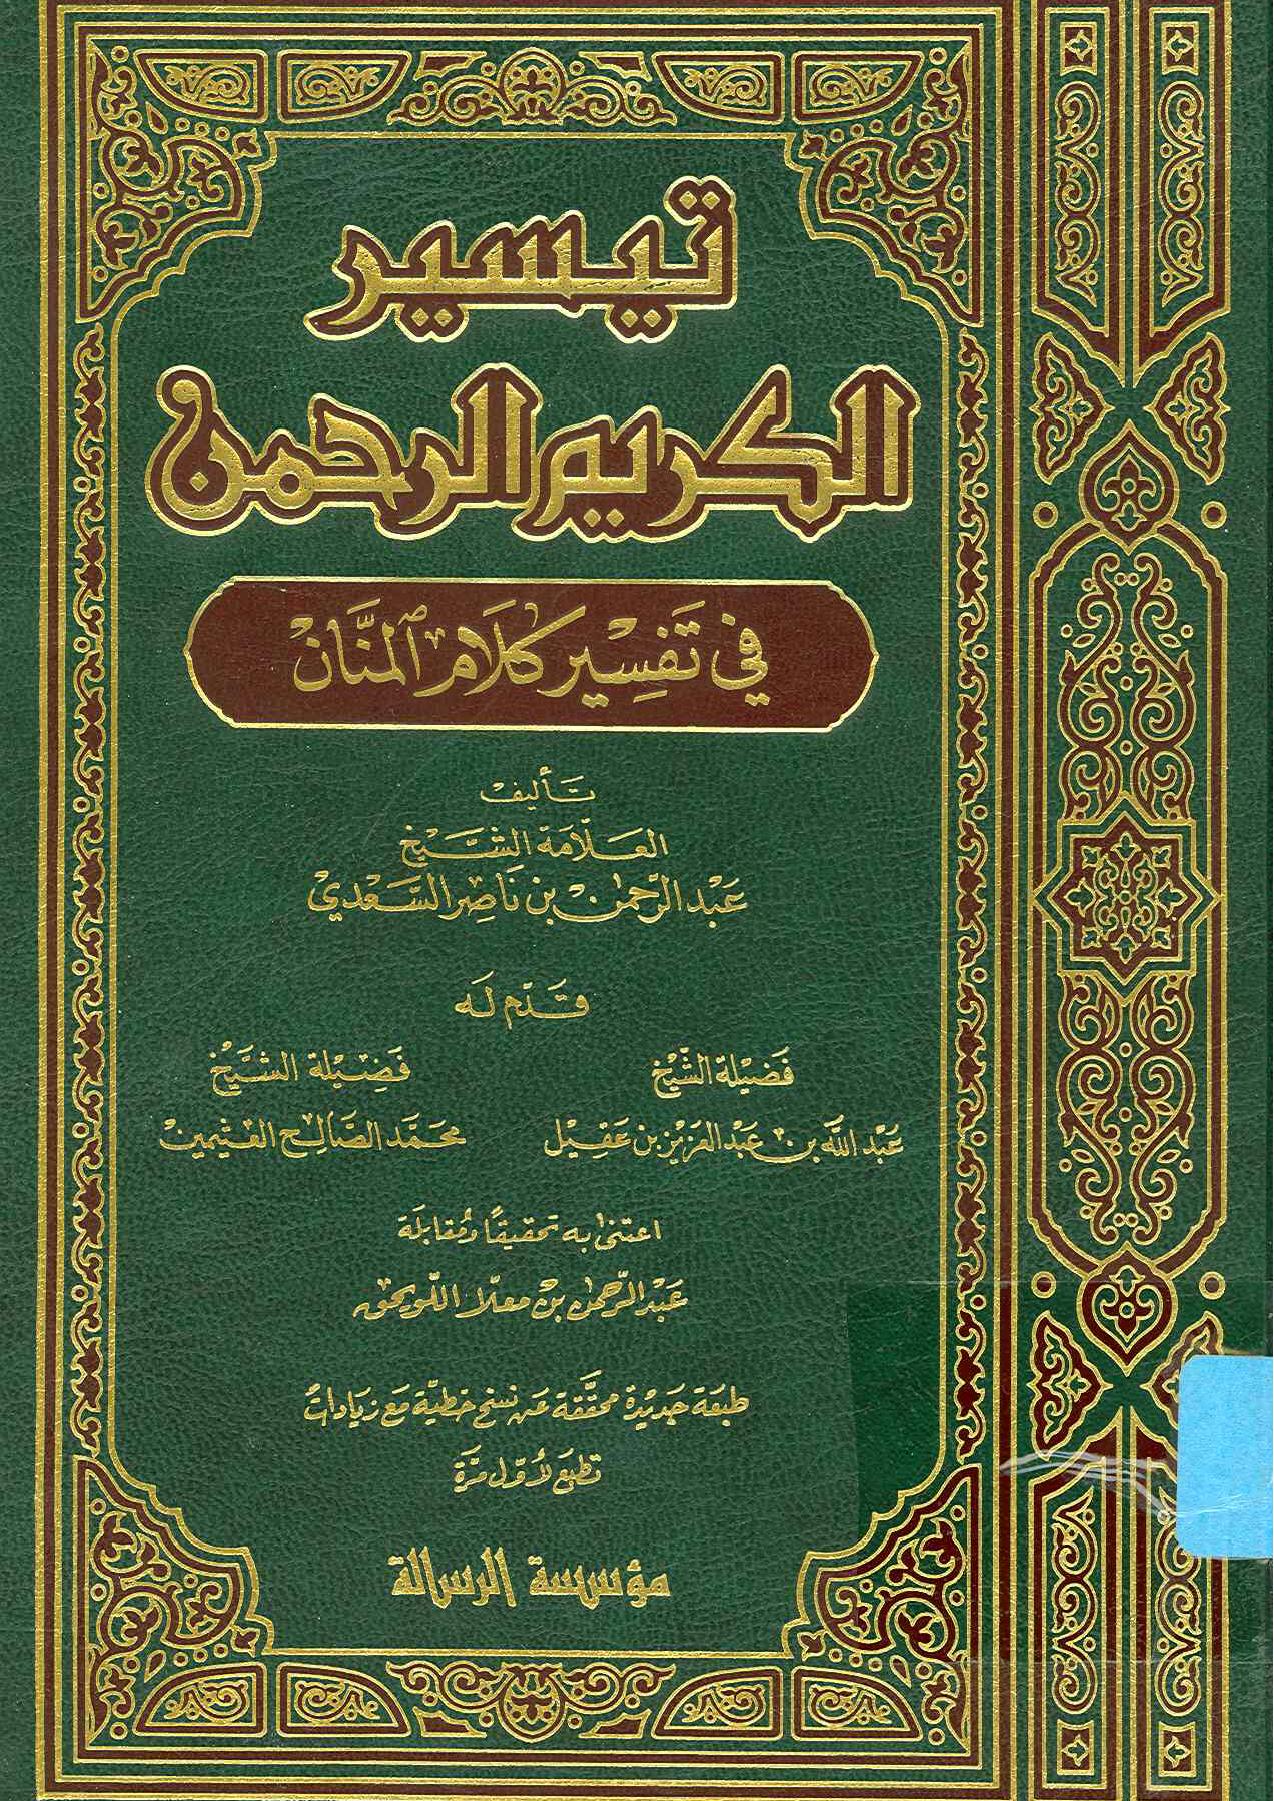 تحميل كتاب تيسير الكريم الرحمن في تفسير كلام المنان (ت. اللويحق) لـِ: العلامة عبد الرحمن بن ناصر السعدي